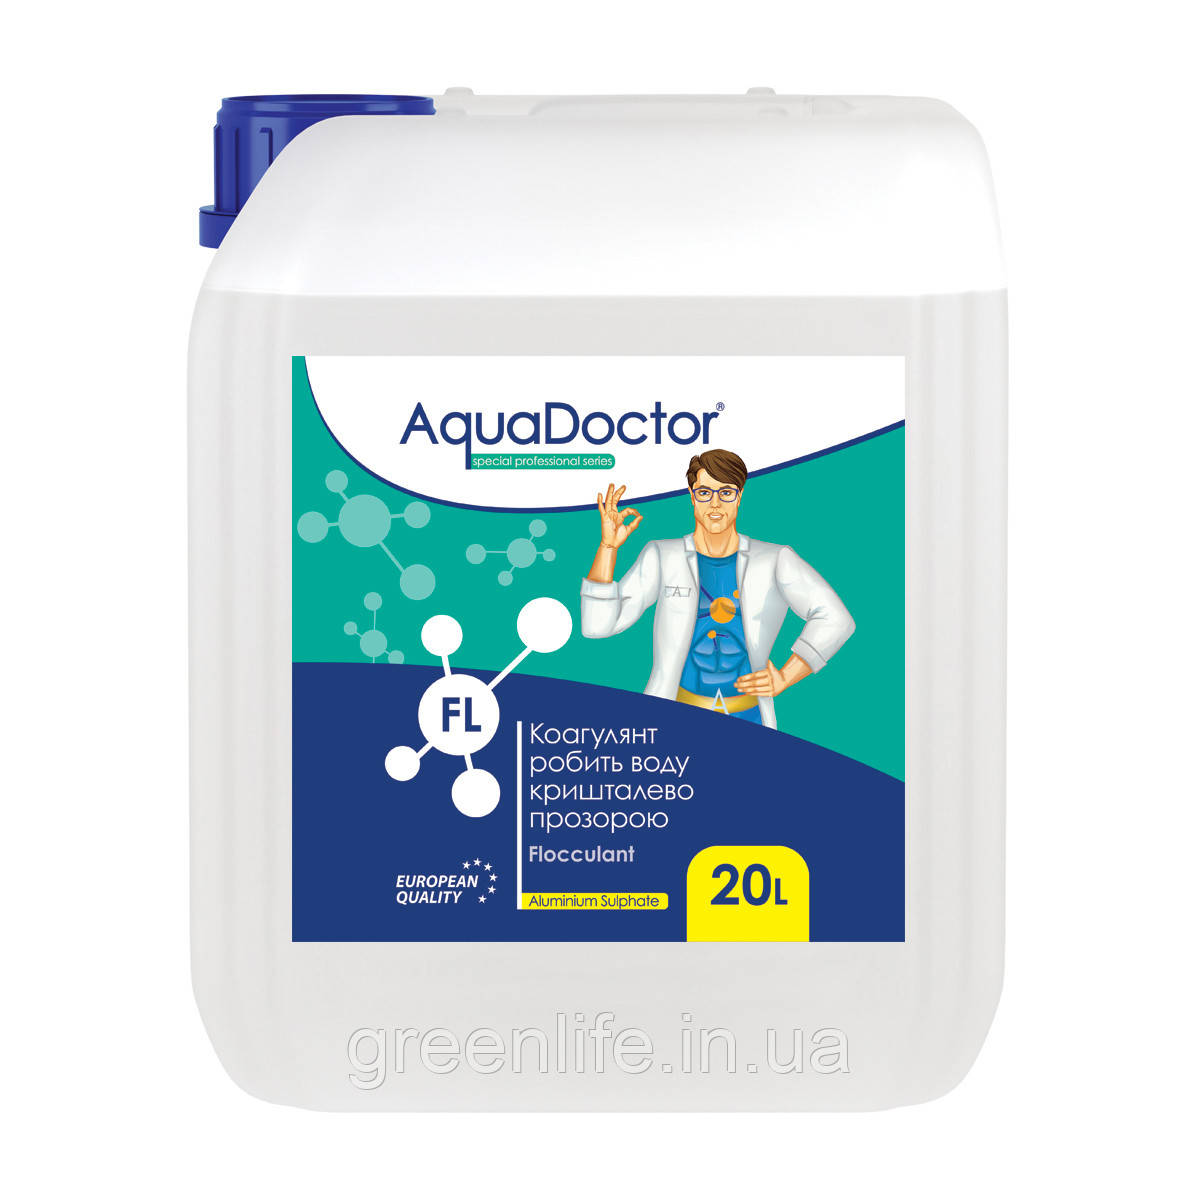 Жидкое коагулирующее средство AquaDoctor FL, Аквадоктор, 1л